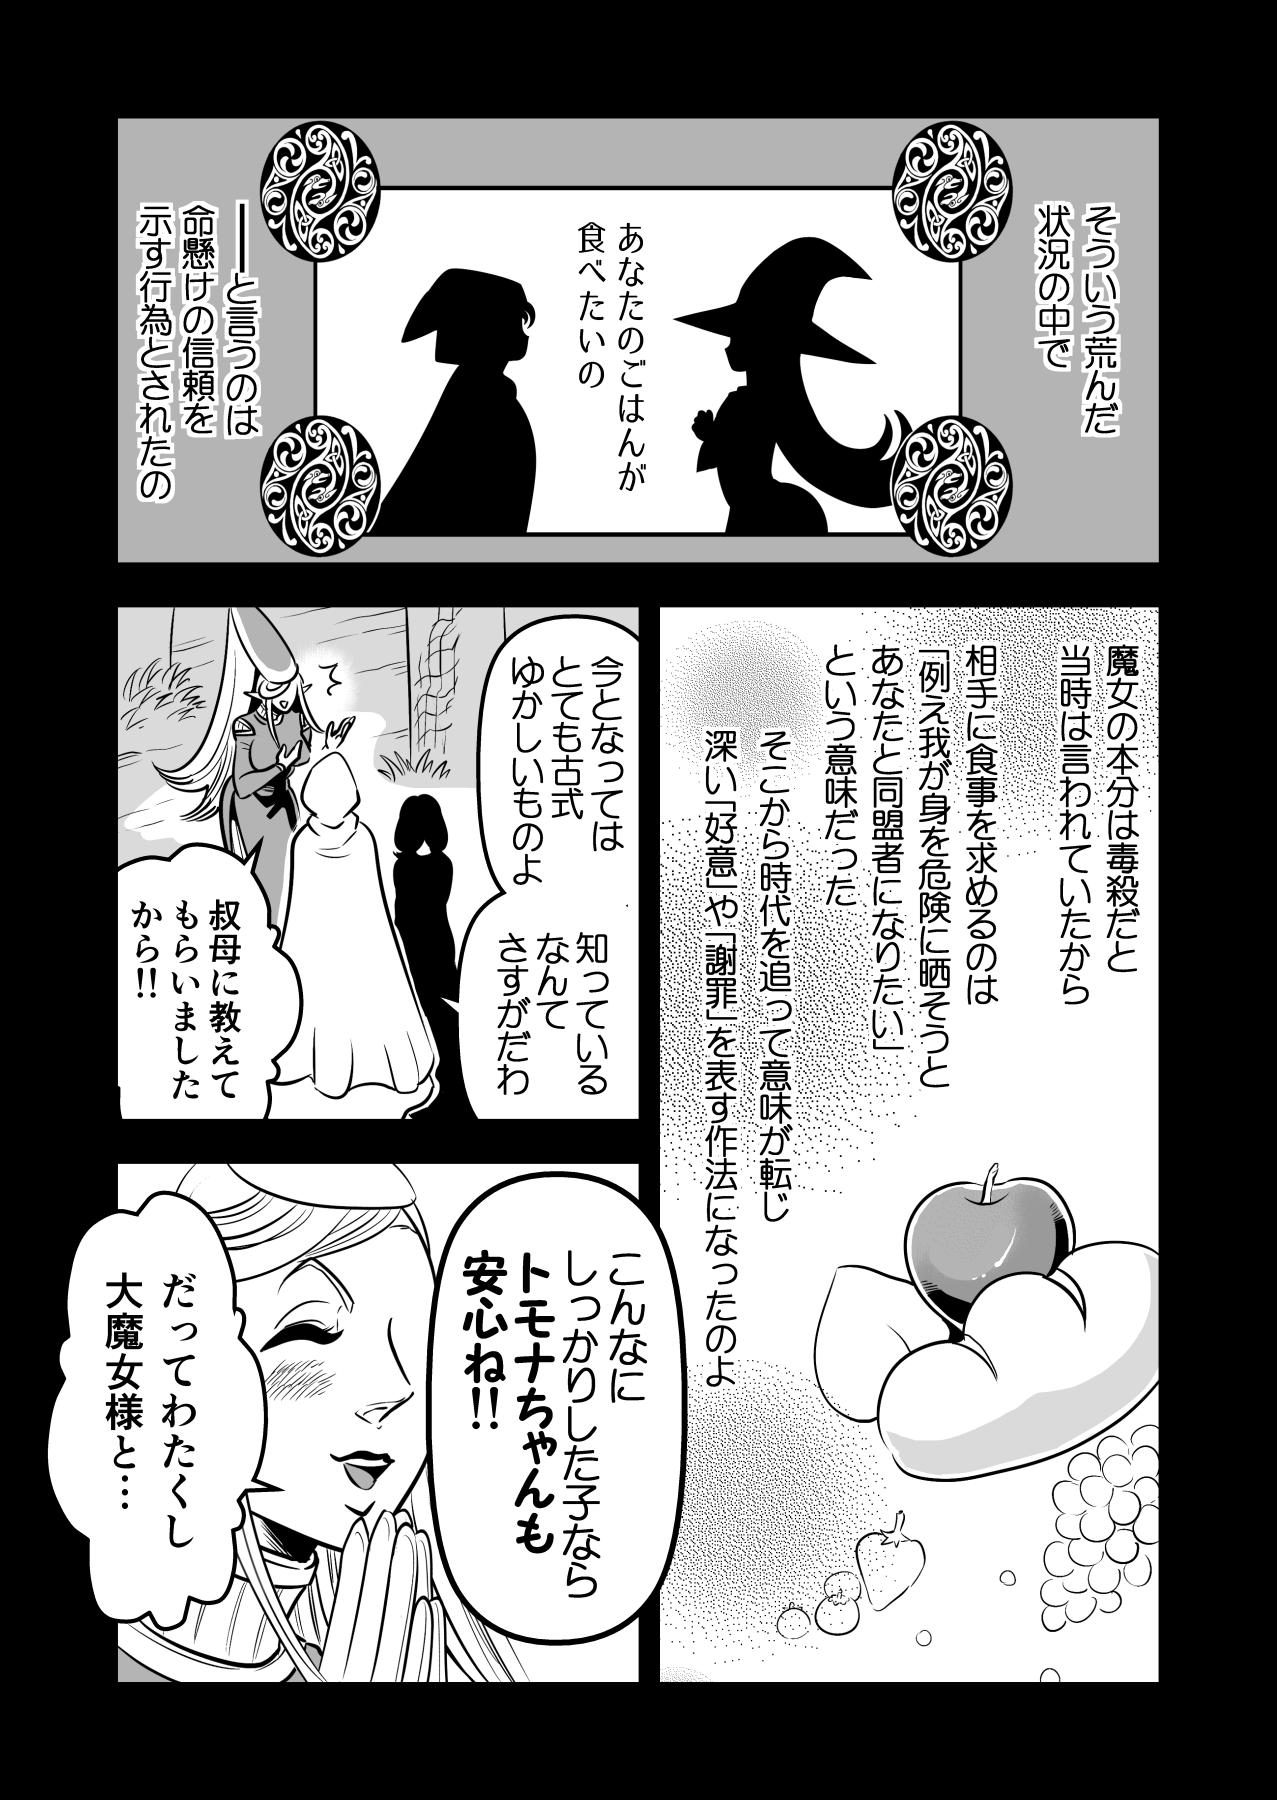 ヤサグレ魔女とグリザベッラと魔女の使い魔0075